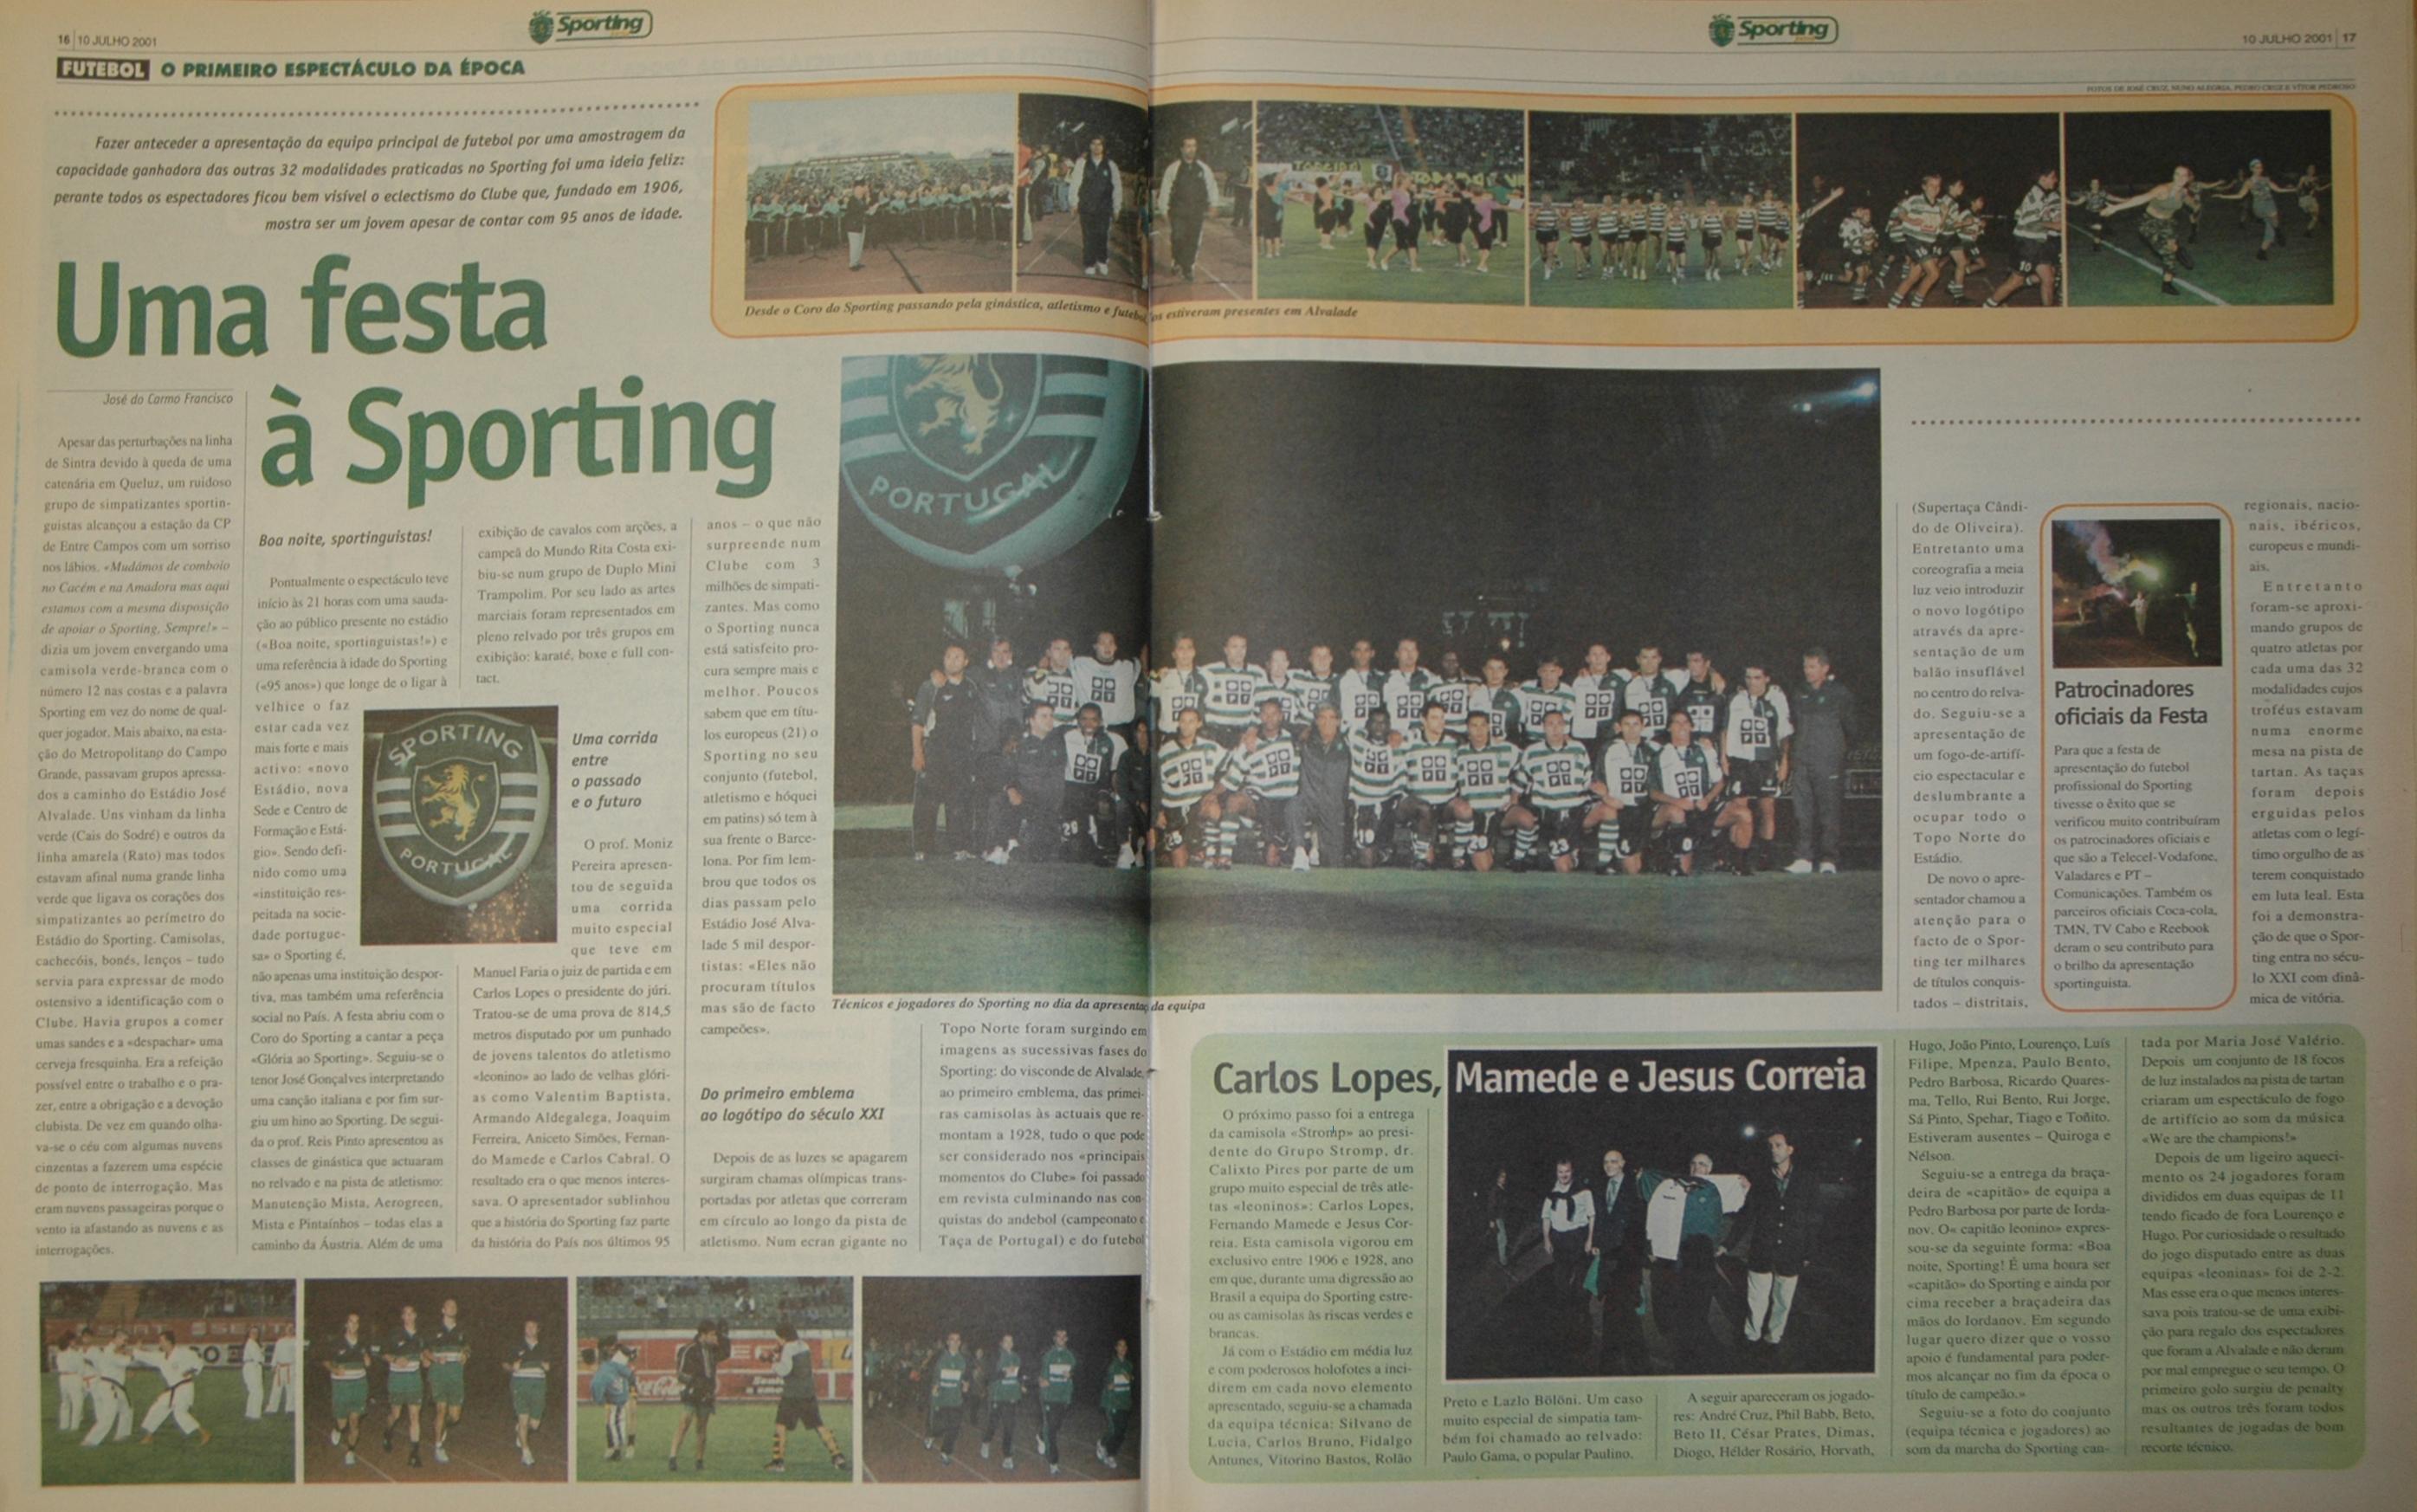 uma-festa-a-Sporting-2001